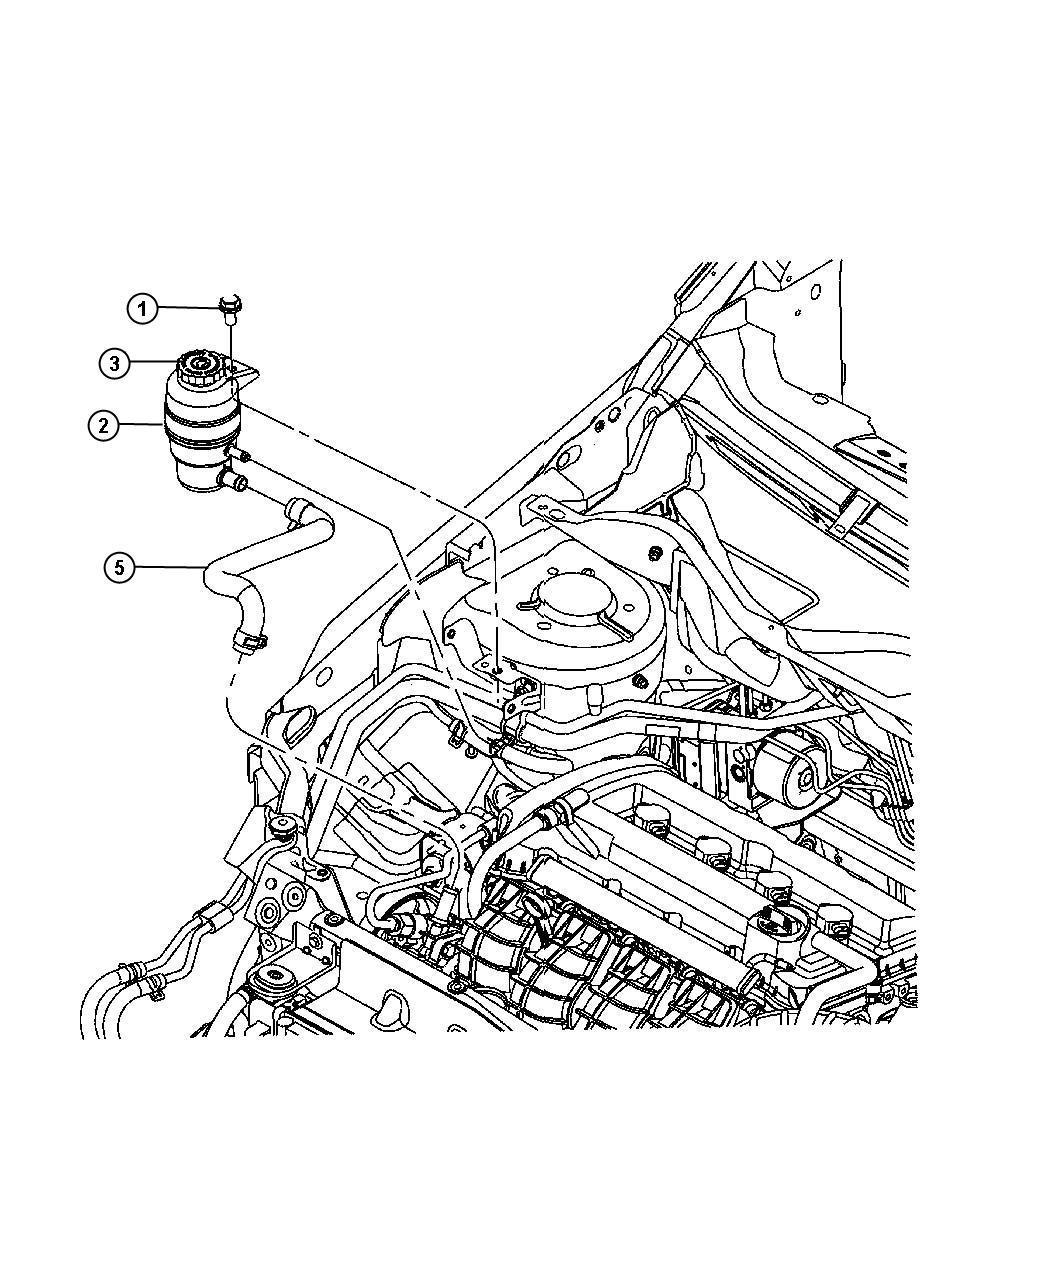 2008 Jeep Patriot Reservoir. Power steering fluid, power